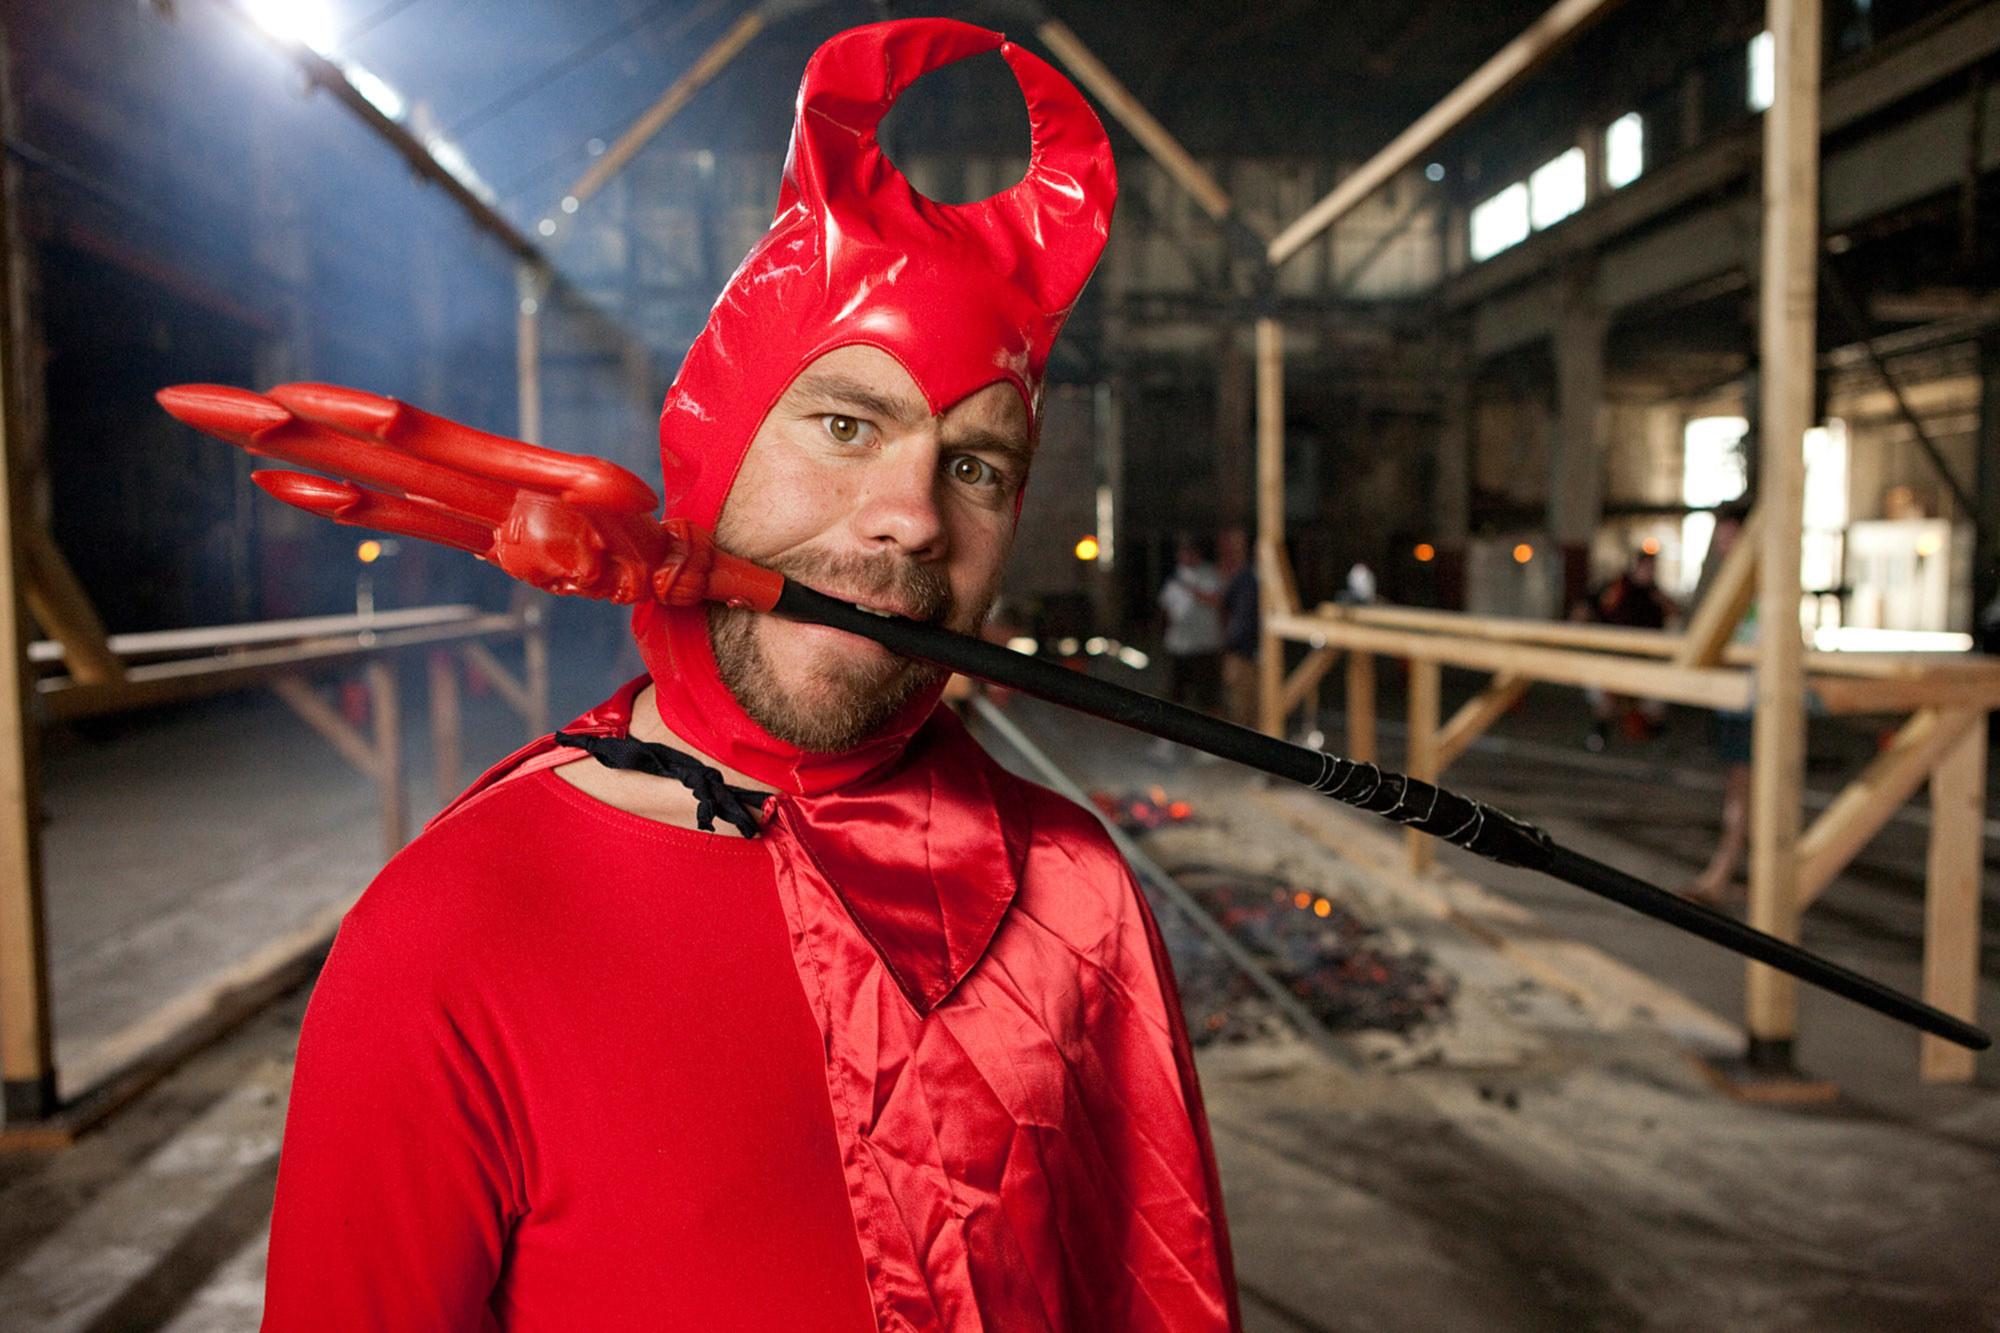 Chris Pontius in the devil costume